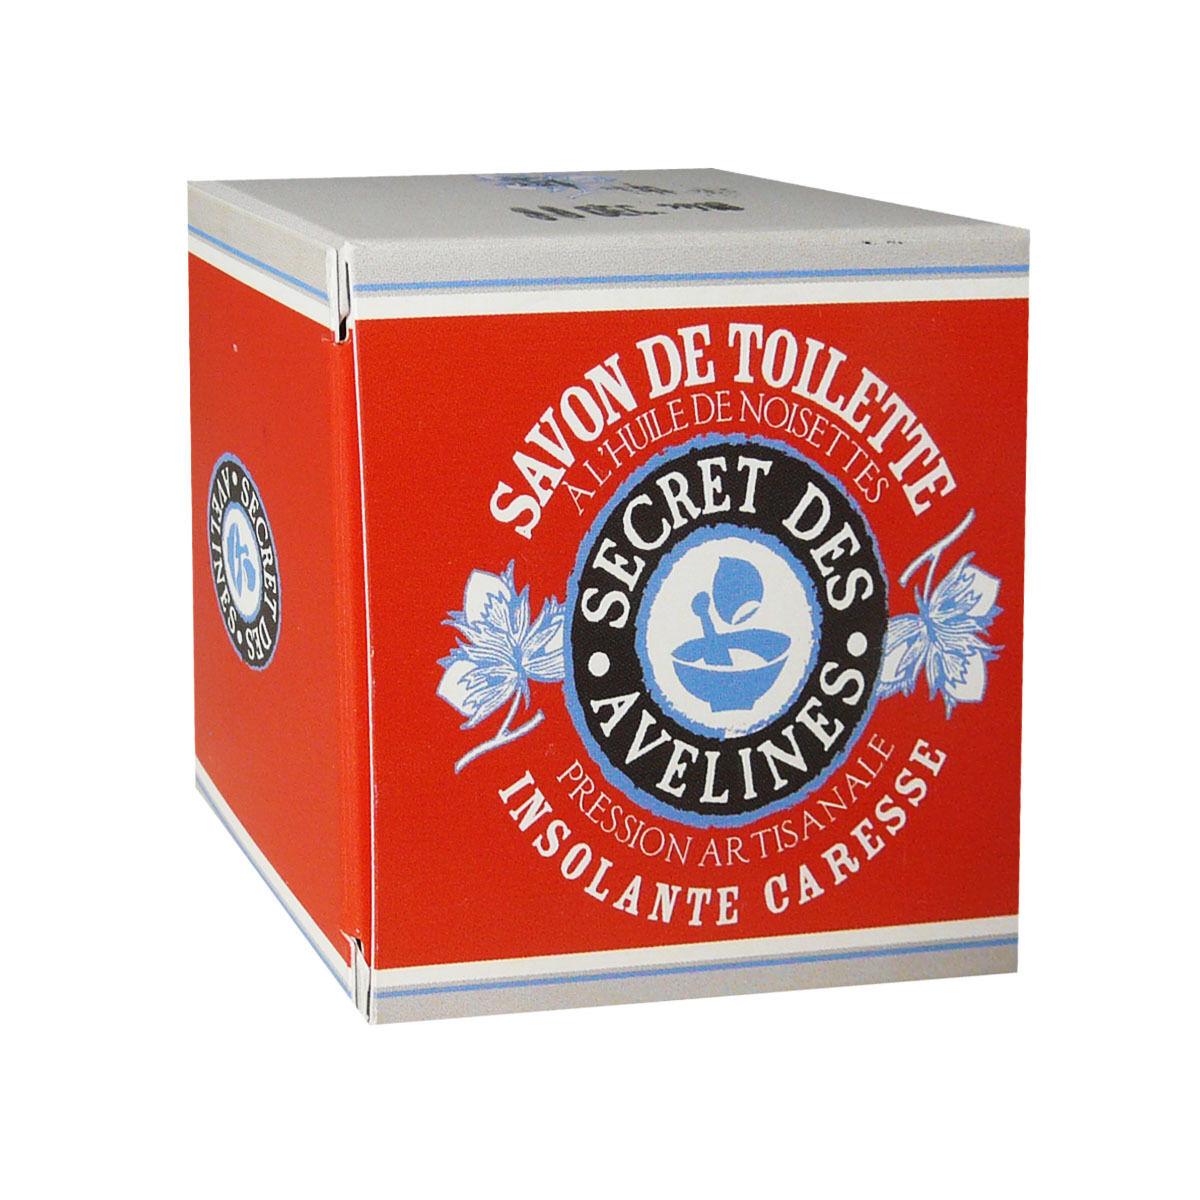 Secret des avelines savon a l'huile de noisettes 100 gr